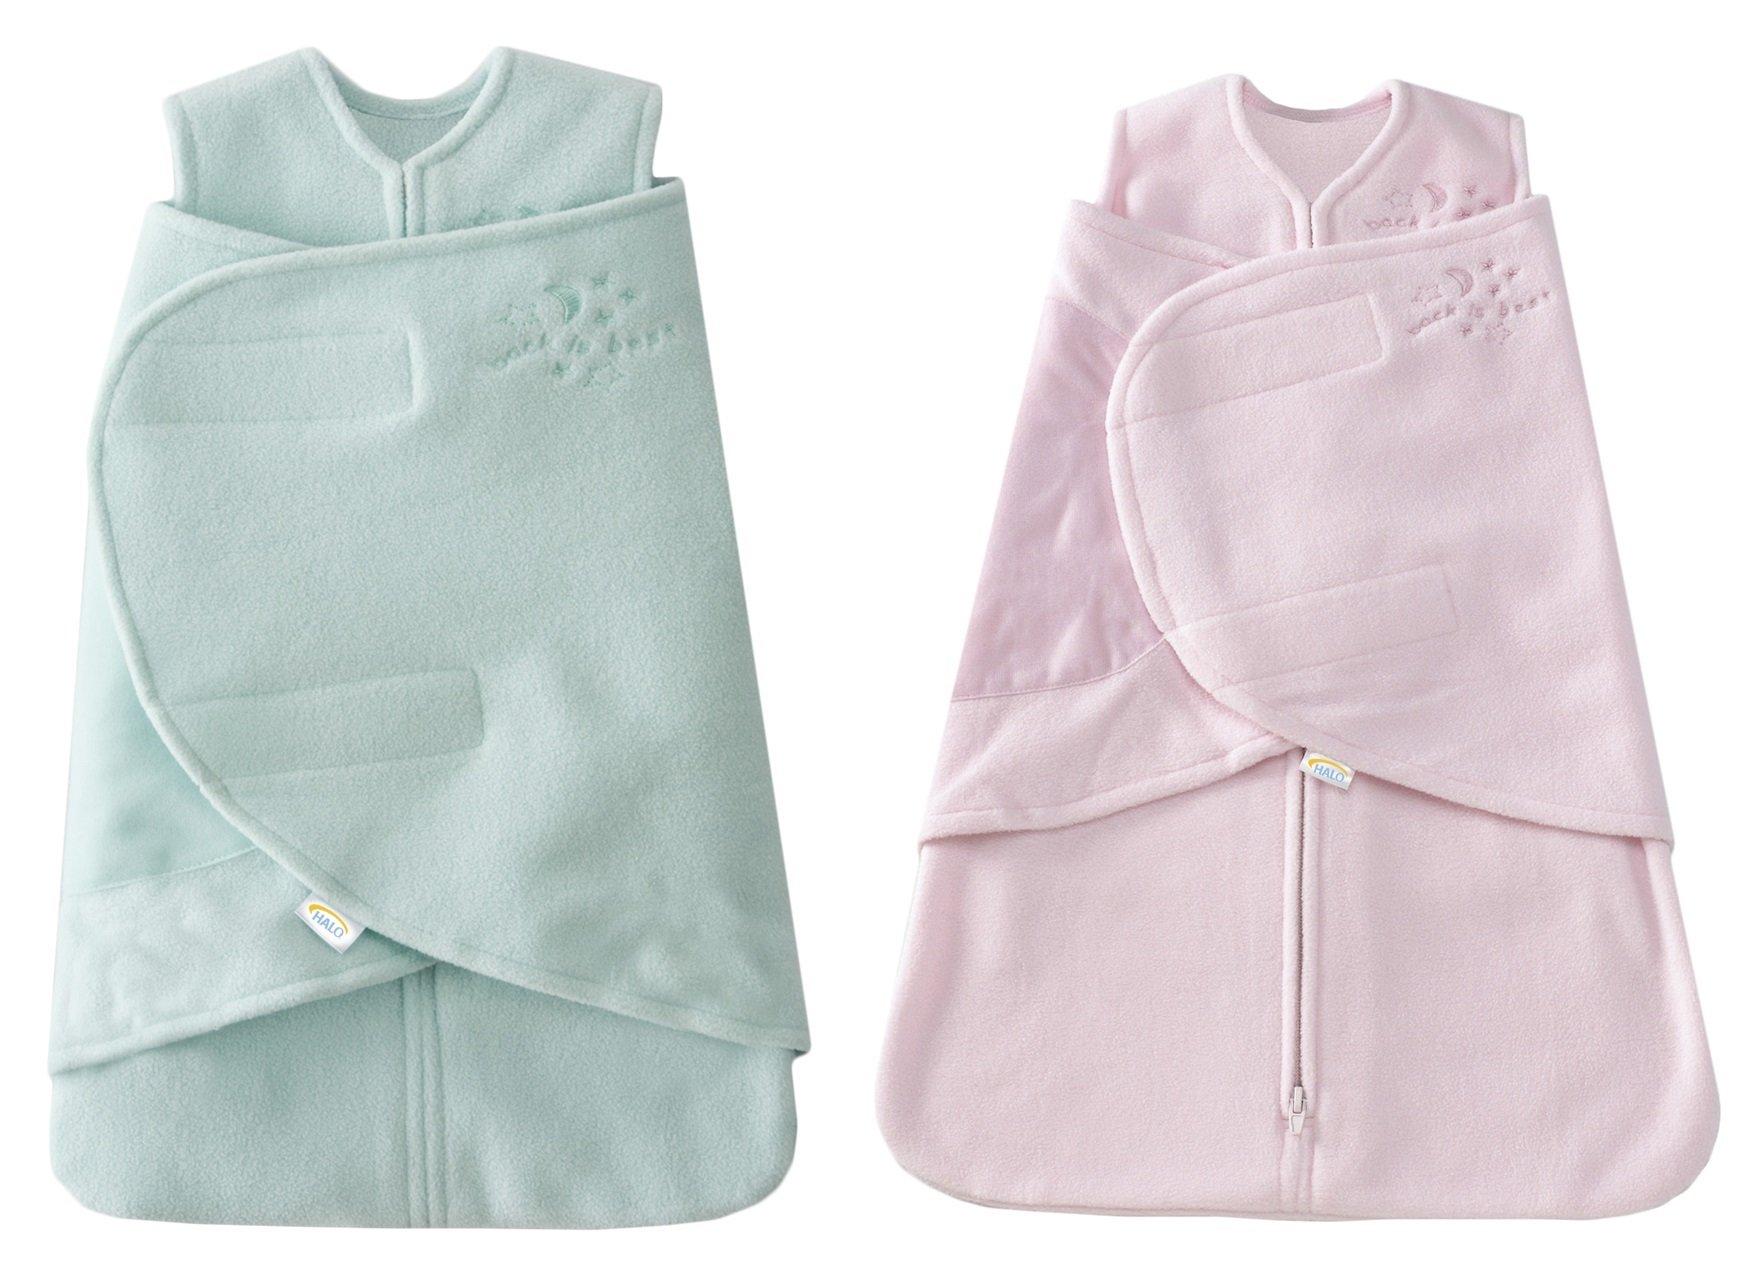 HALO SleepSack Micro-Fleece Swaddle, Mint / Pink, Preemie 2-Pack